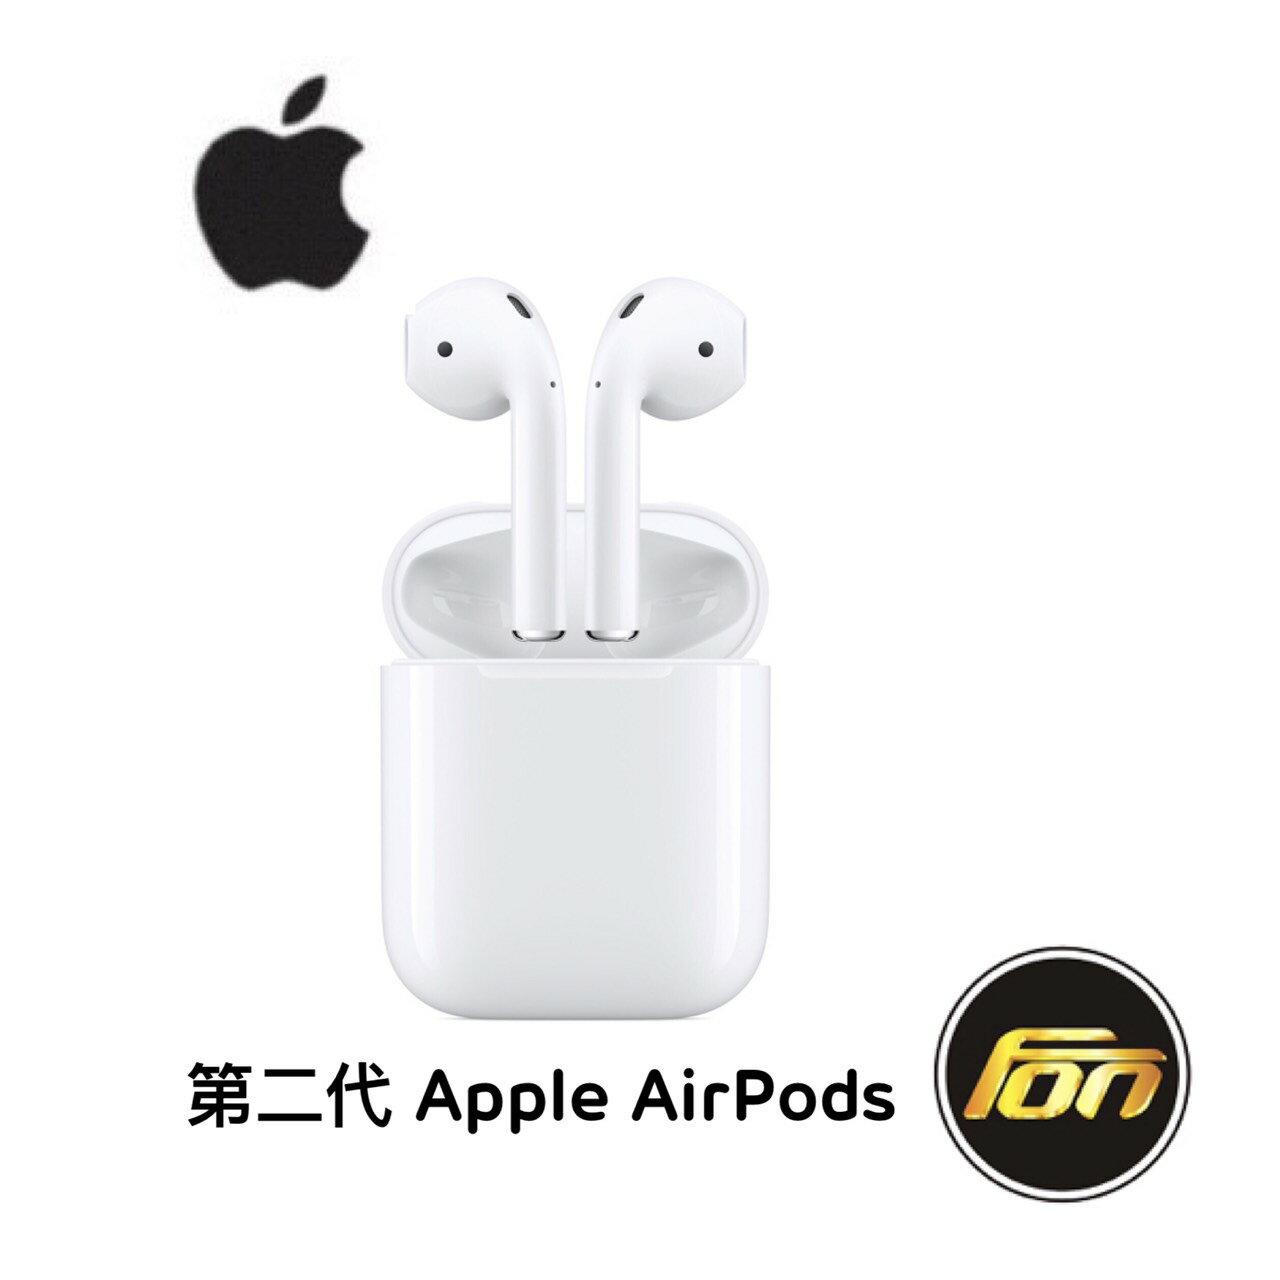 現貨【公司貨】Apple AirPods 第二代  藍芽耳機 無線耳機 - 限時優惠好康折扣